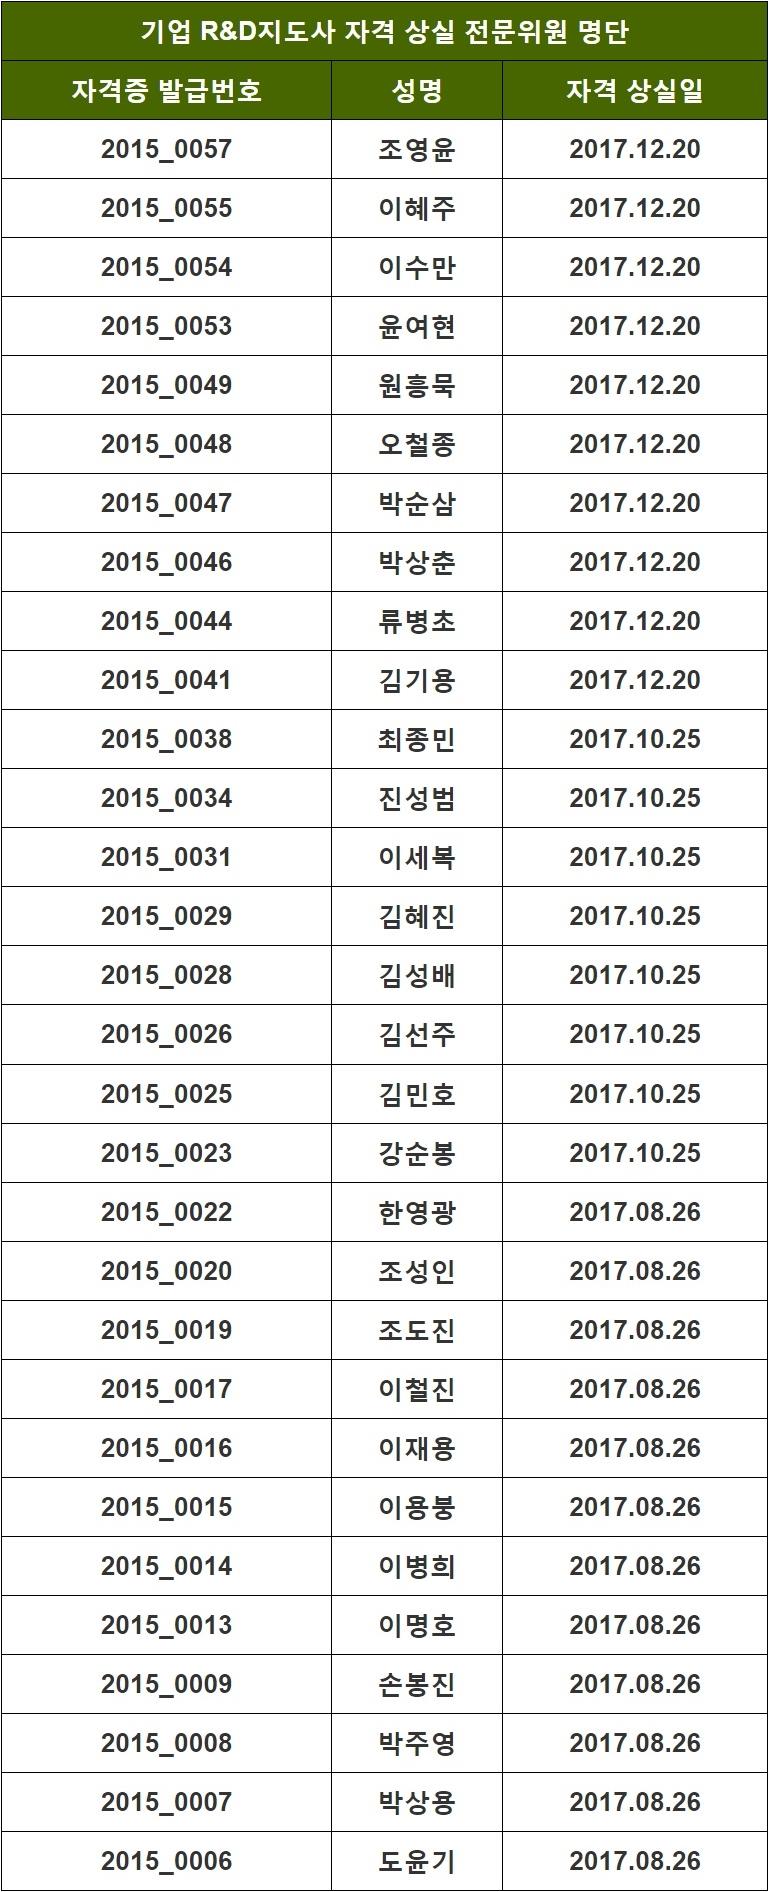 2017년도 지도사 자격 상실 위원 명단_05.26